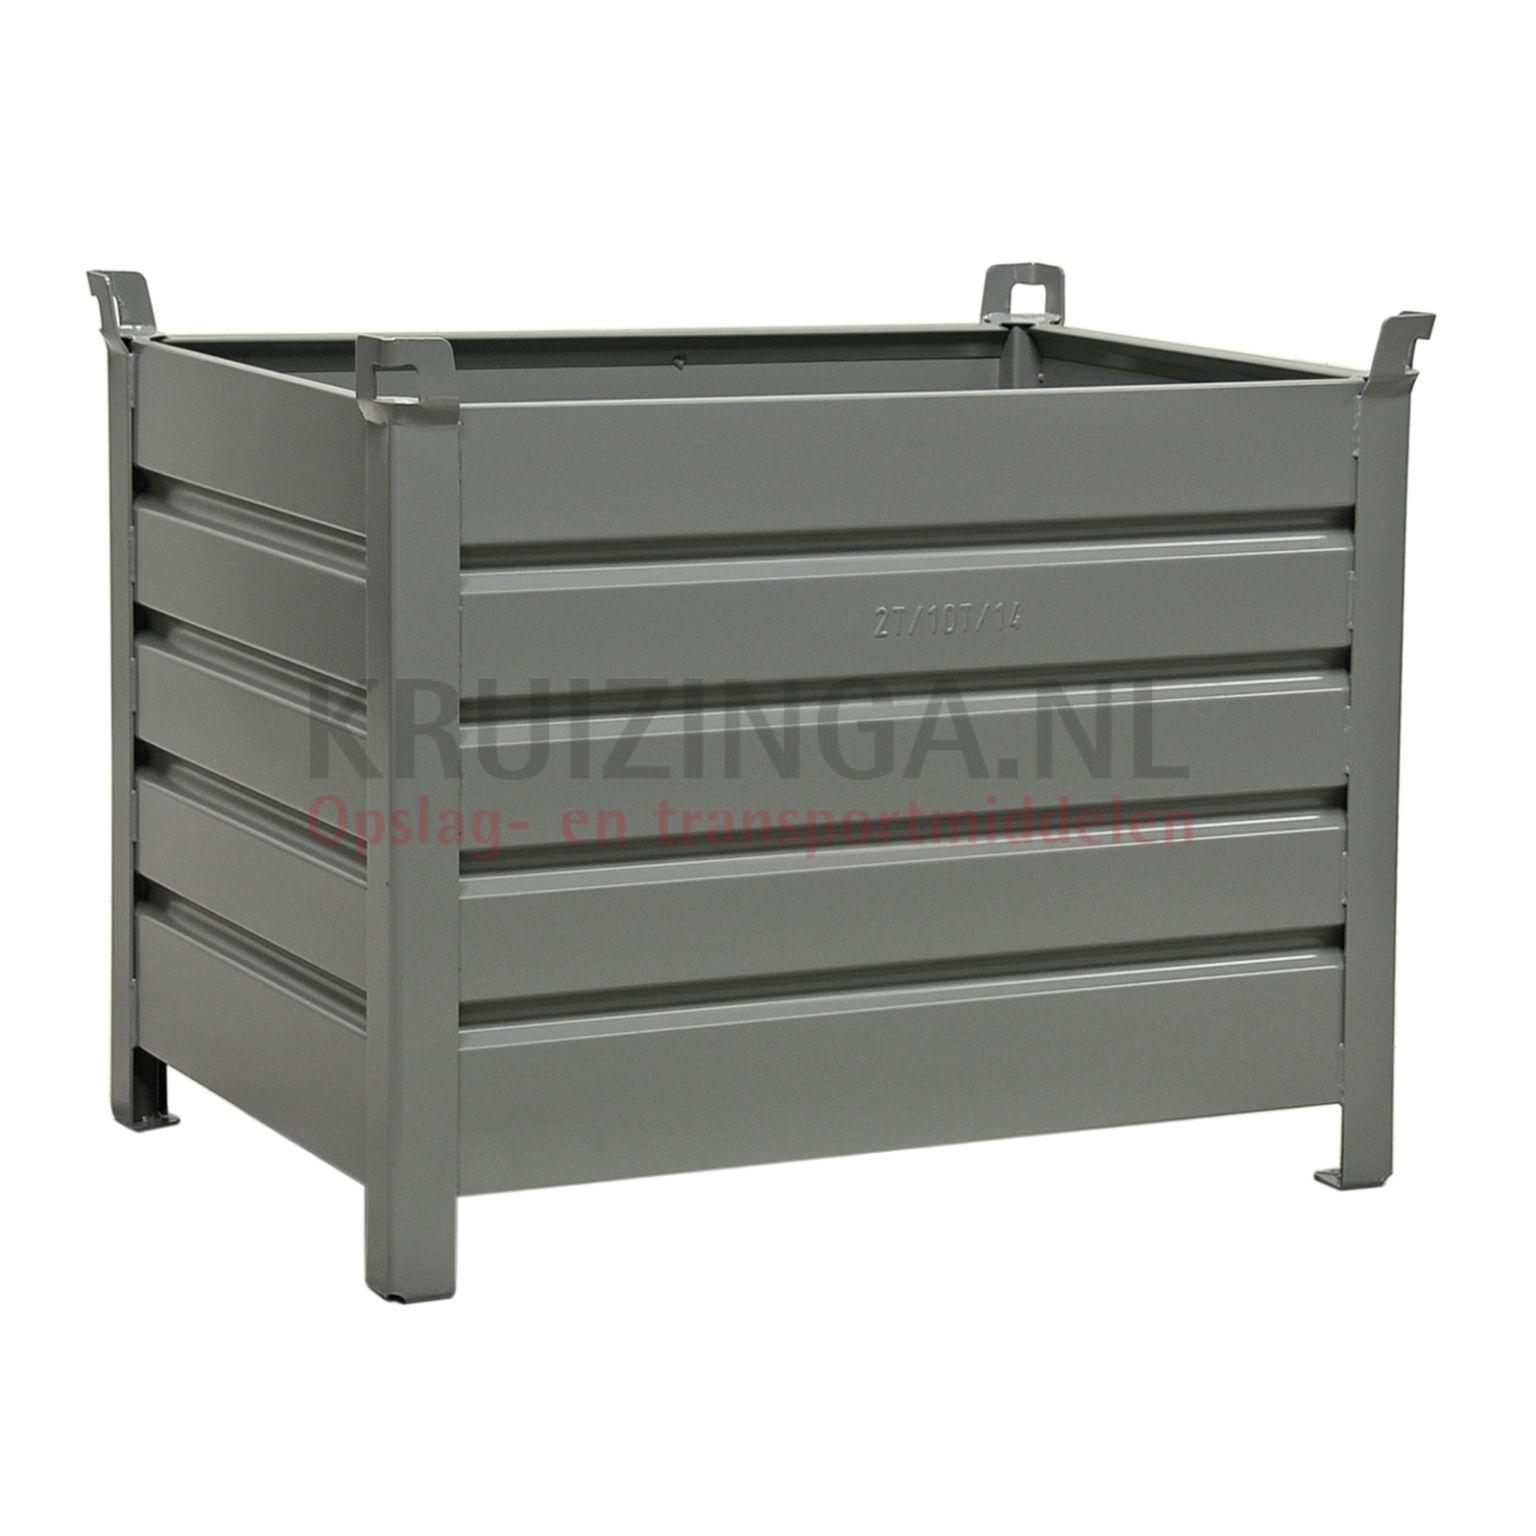 bac de rangement acier construction robuste bac empilable 4 parois partir de 241 25 frais de. Black Bedroom Furniture Sets. Home Design Ideas